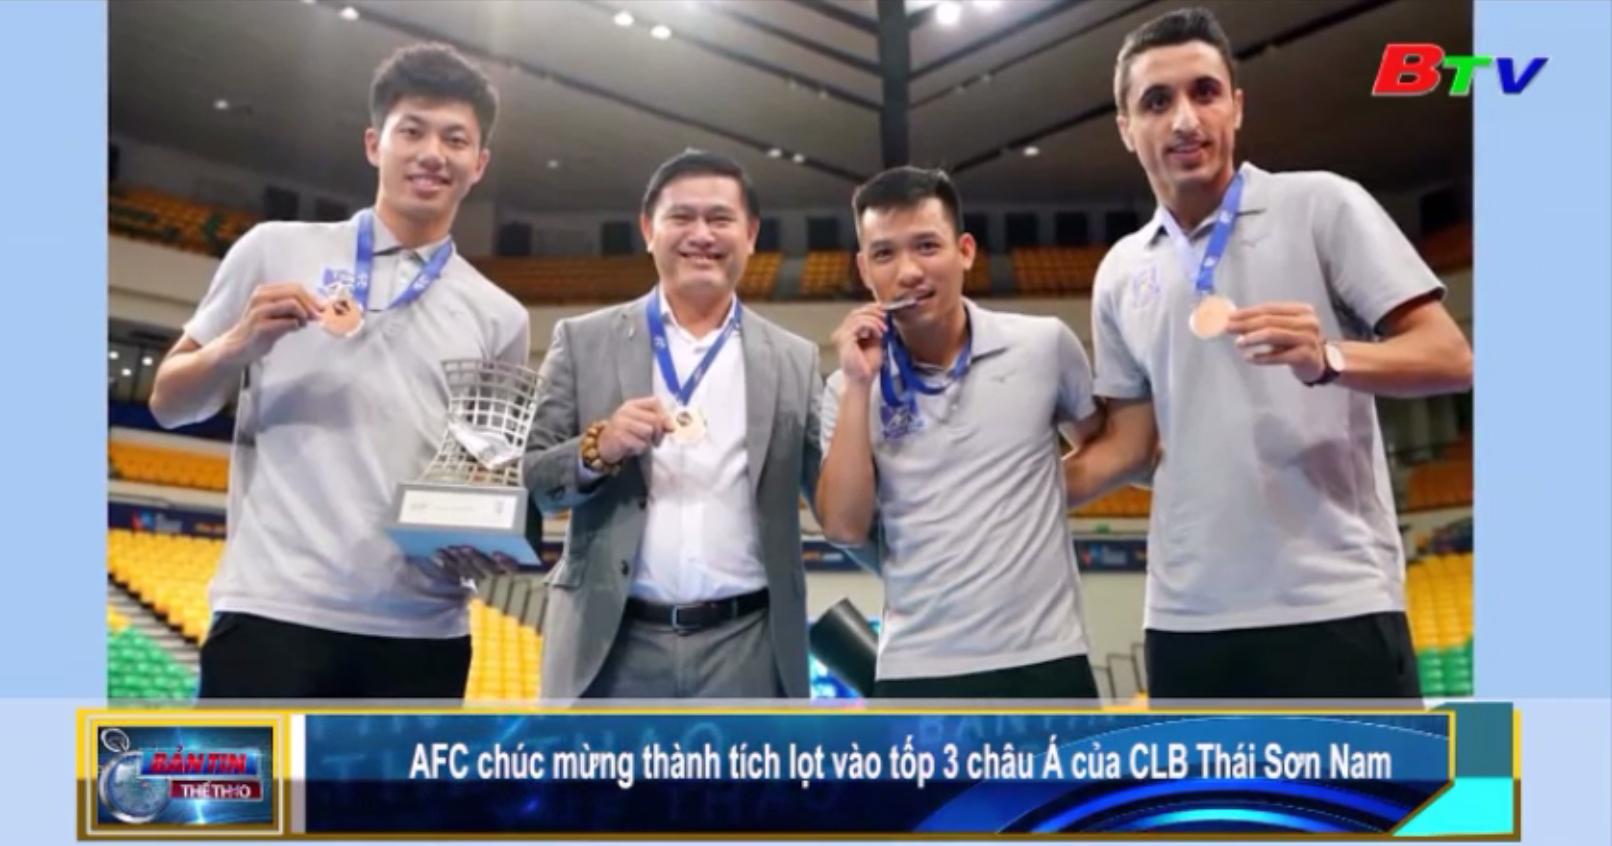 AFC chúc mừng thành tích lọt vào top 3 châu Á của CLB Thái Sơn Nam